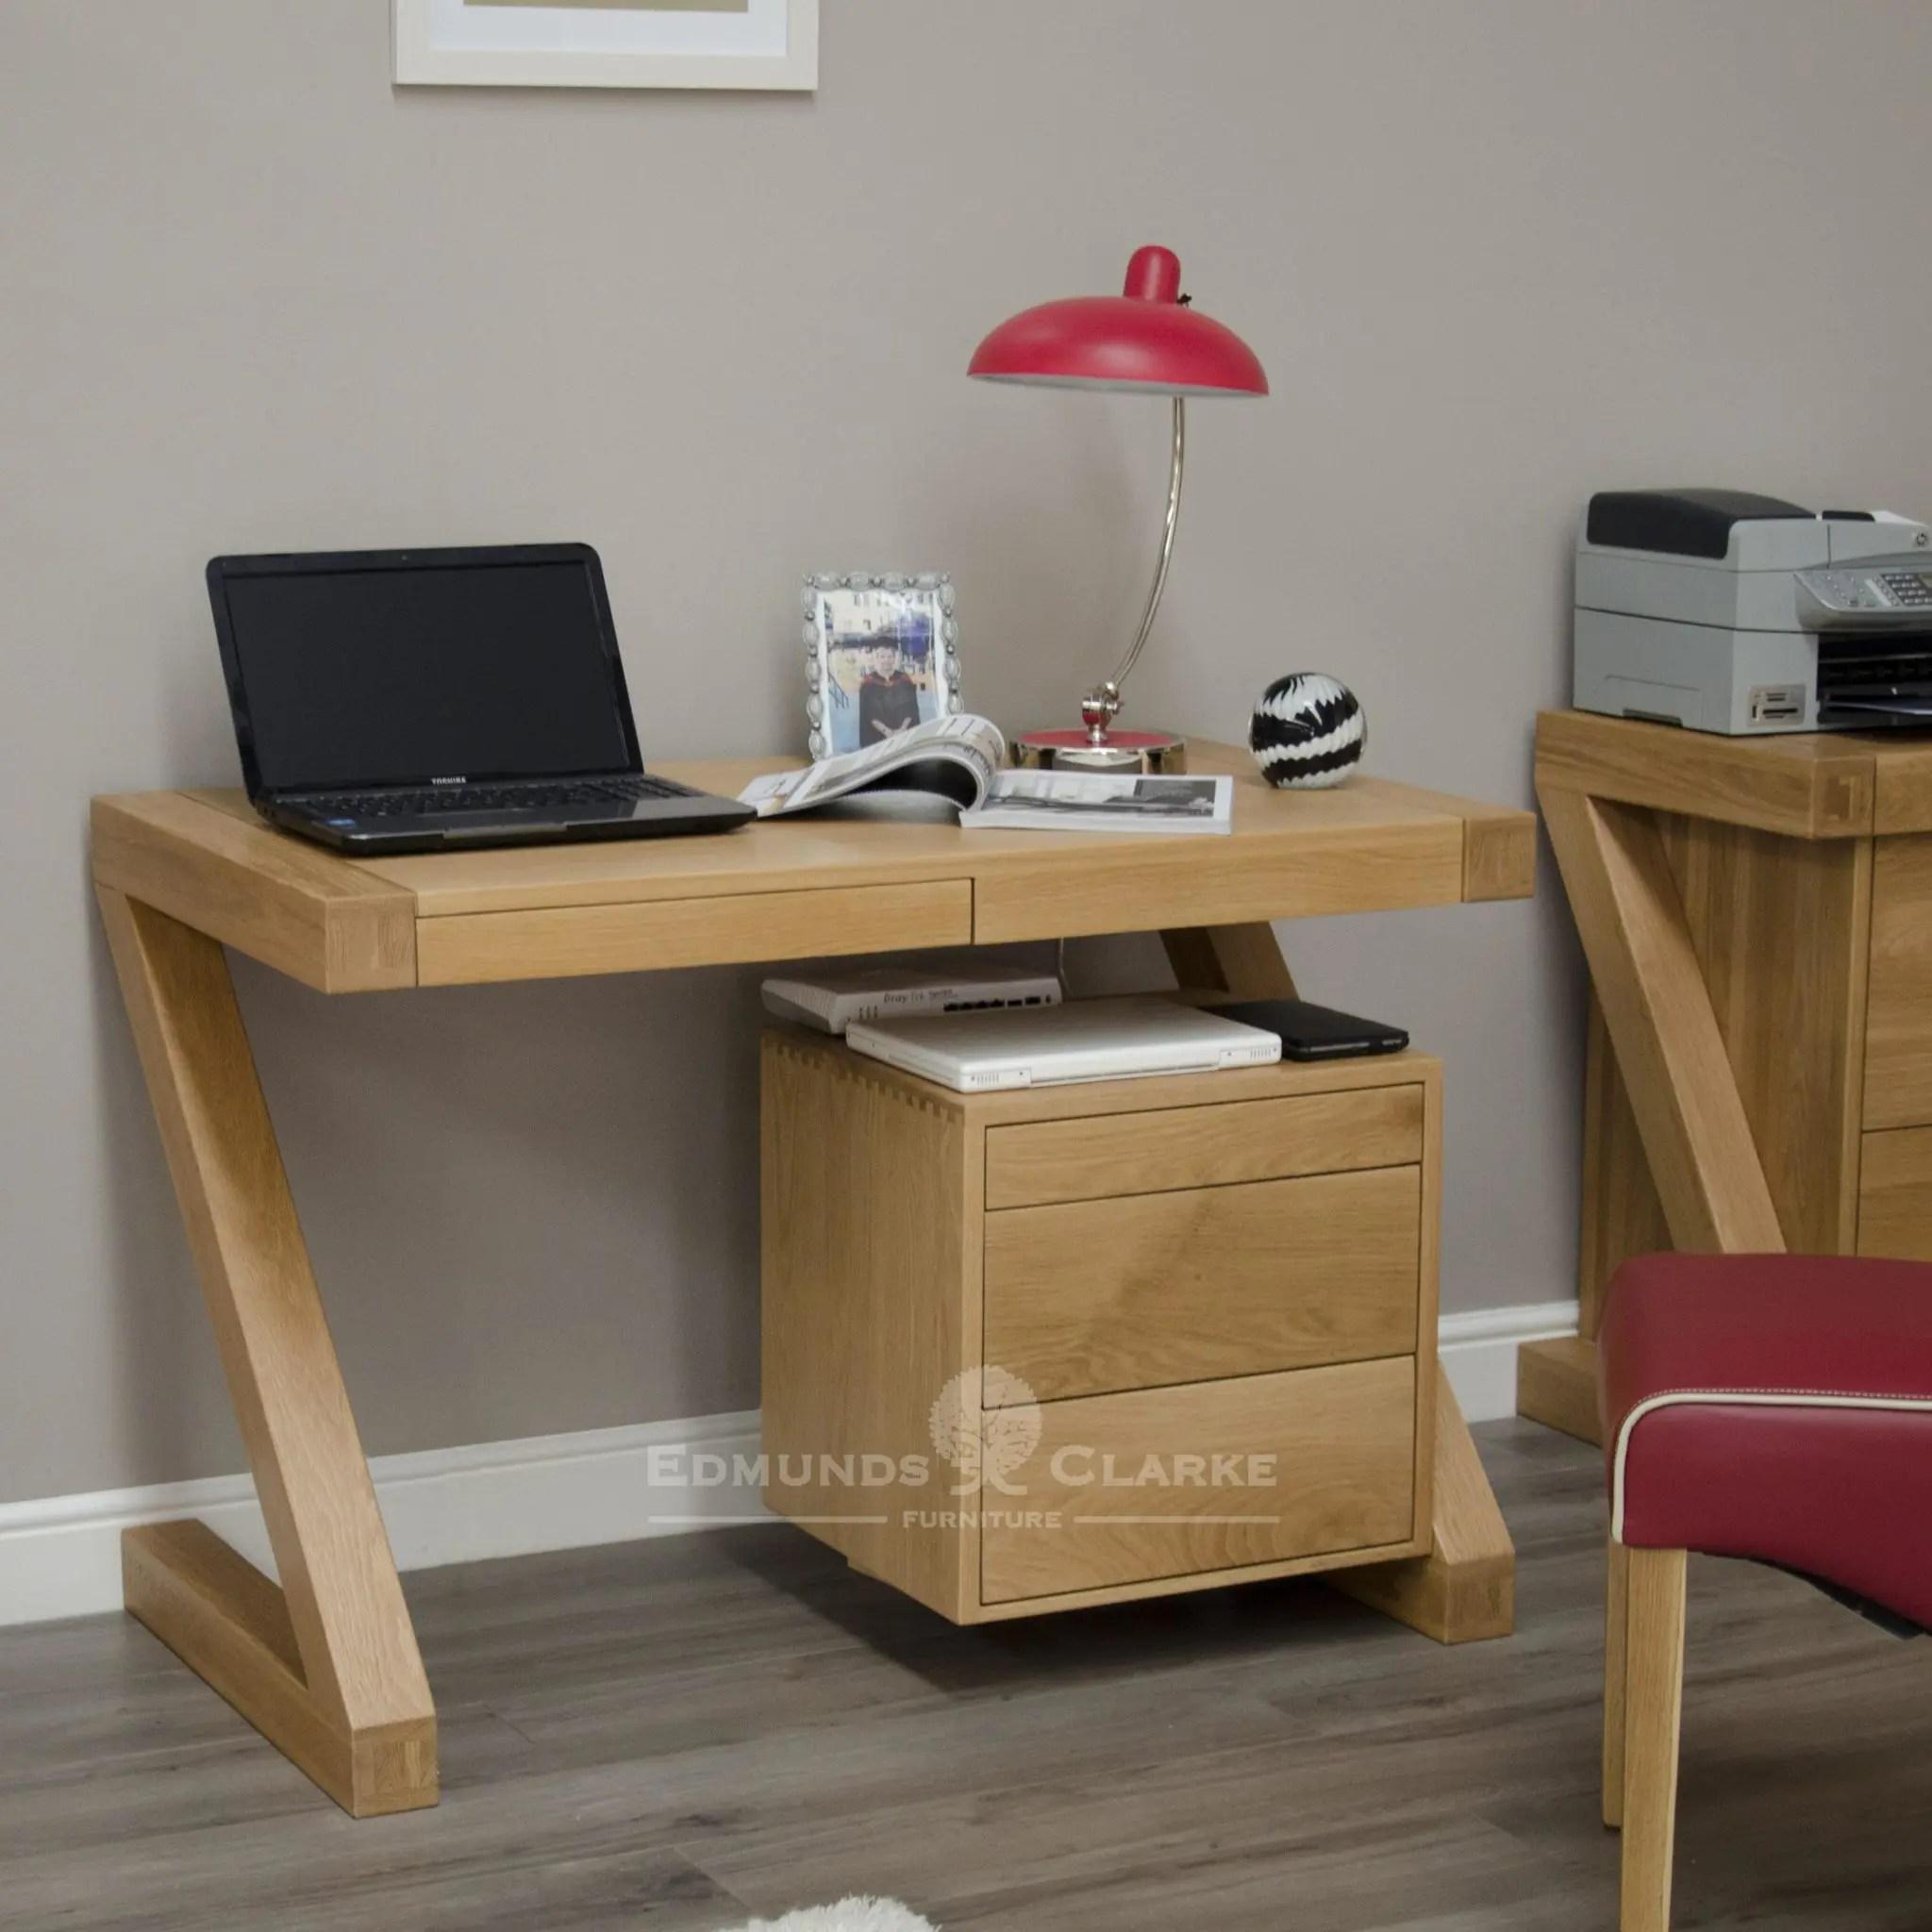 Z Designer Solid Oak Small Computer Desk Edmunds And Clarke Furniture